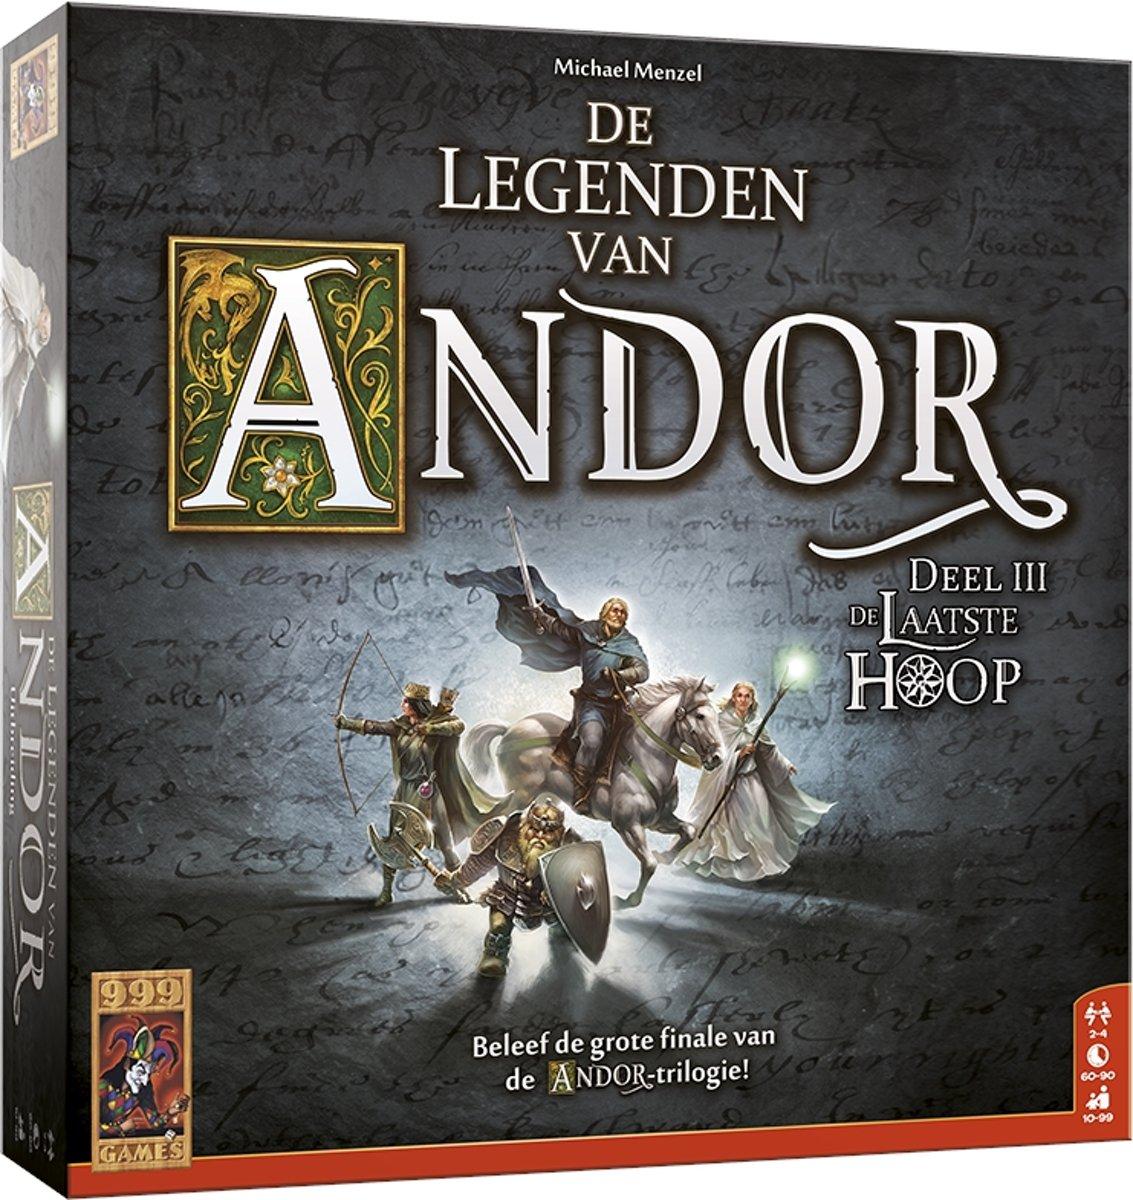 De Legenden van Andor: De laatste Hoop Bordspel